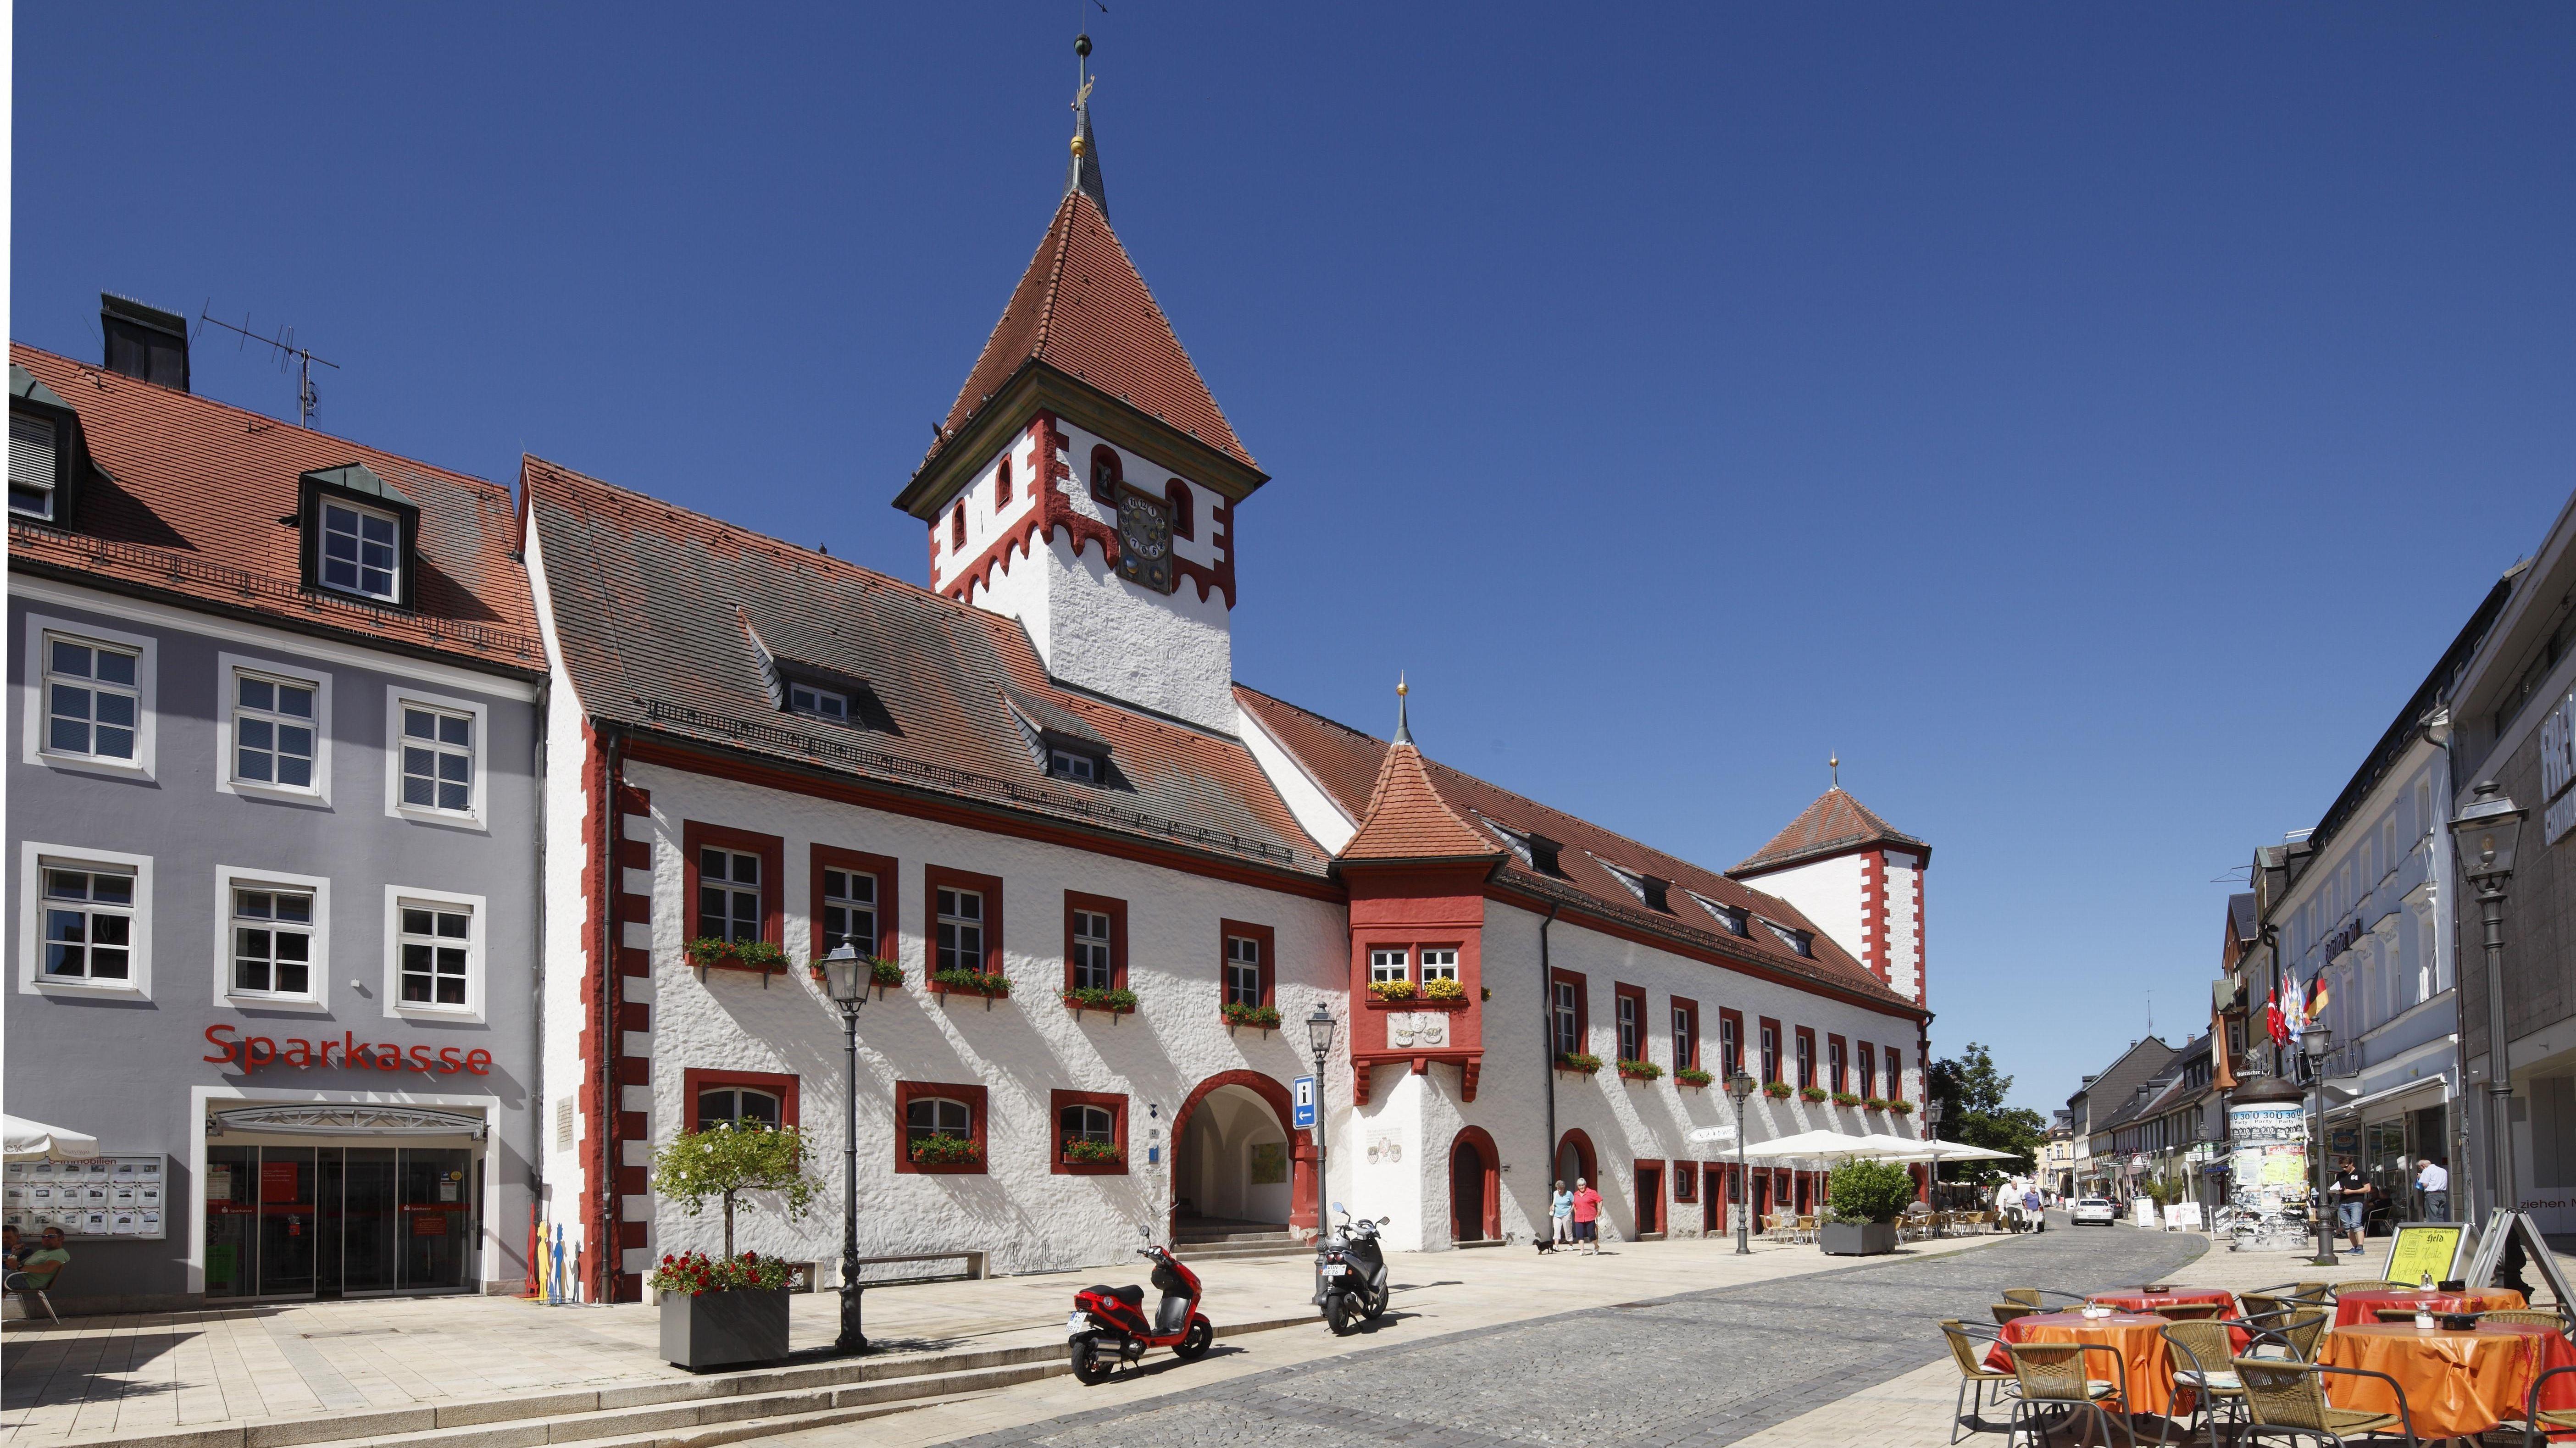 Historisches Rathaus in Marktredwitz